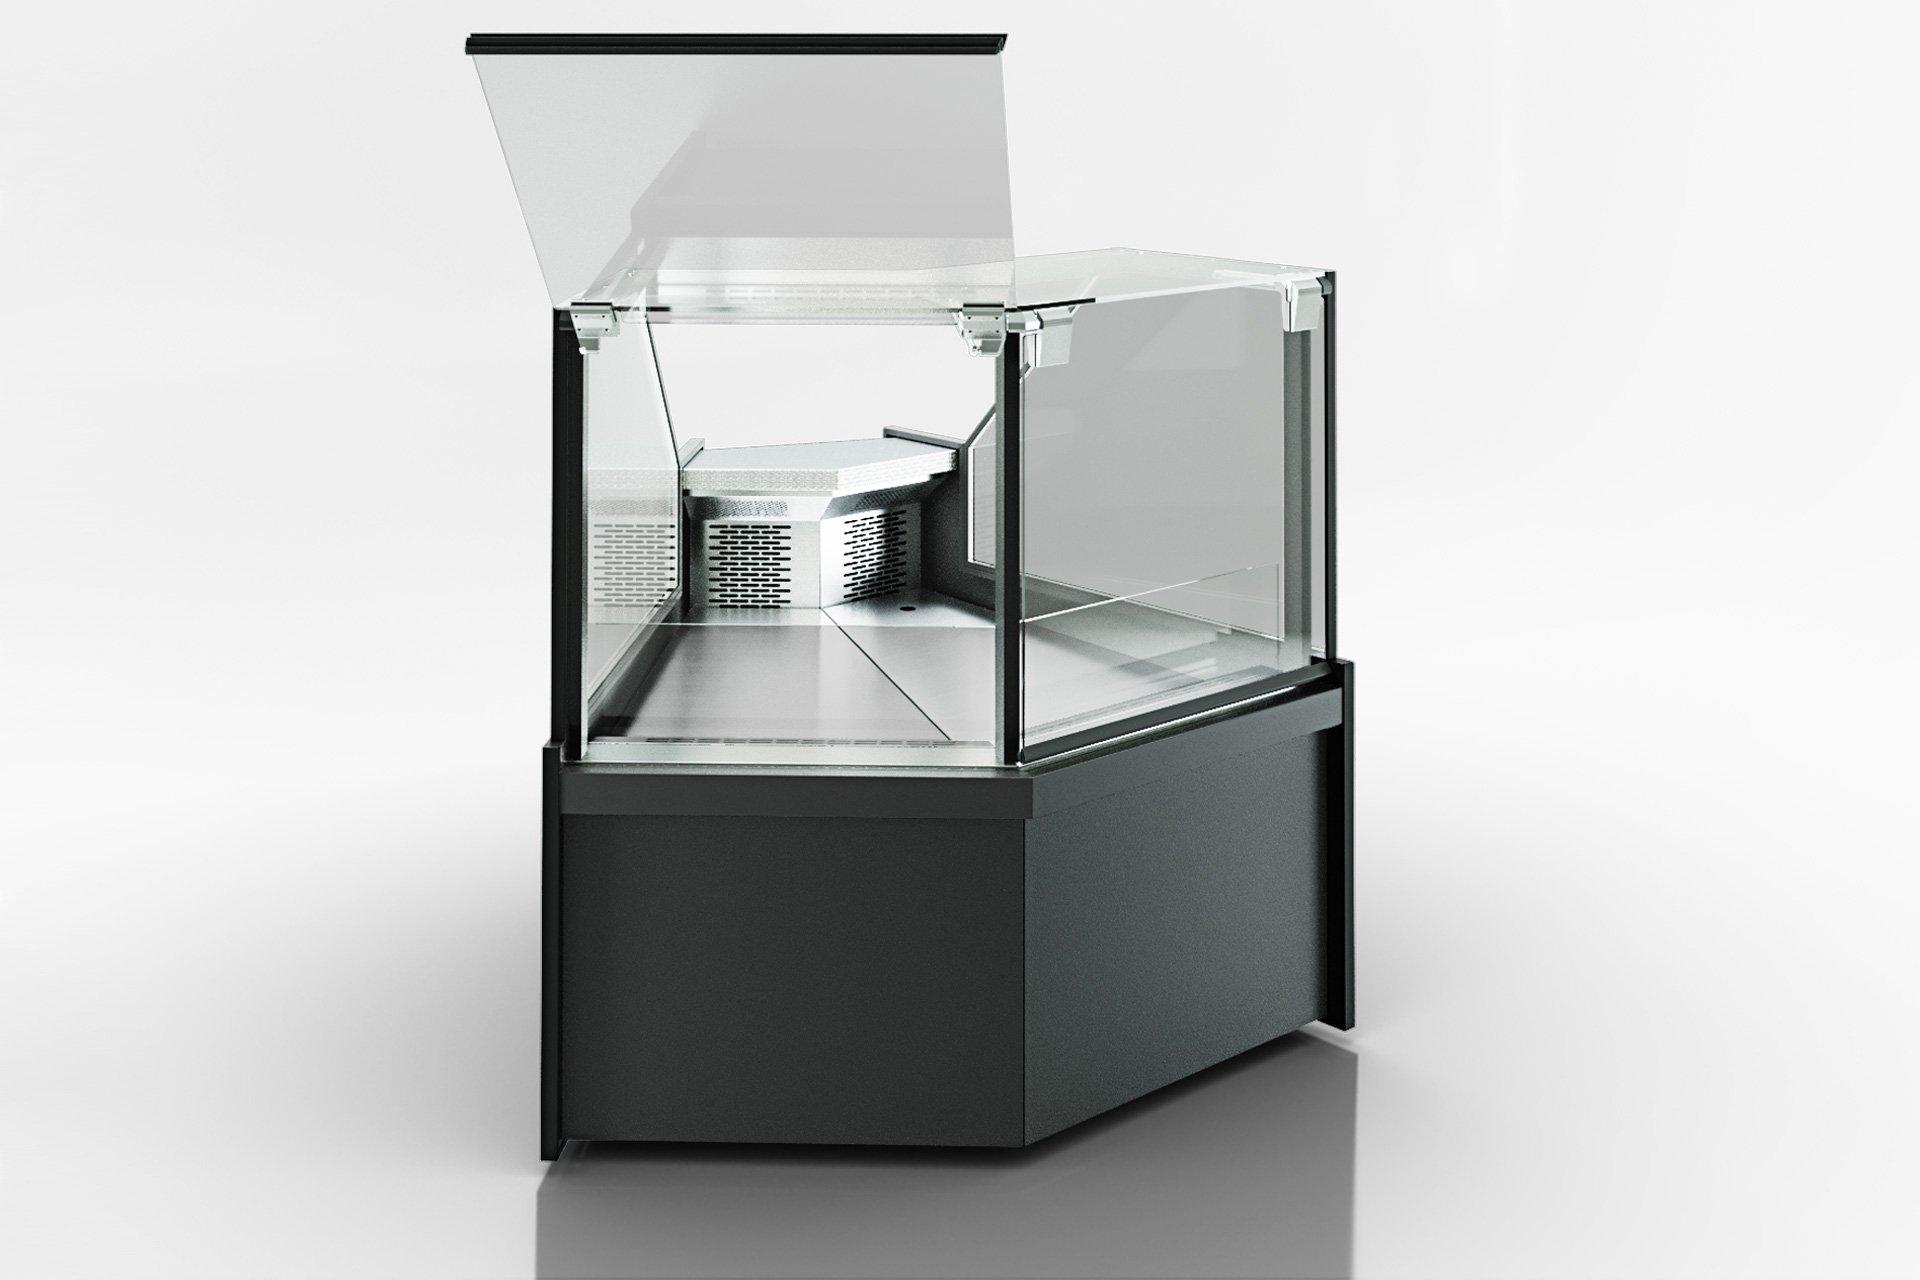 Кутові елементи холодильних вітрин Missouri MC 120 deli PS 130-DLM-ES45